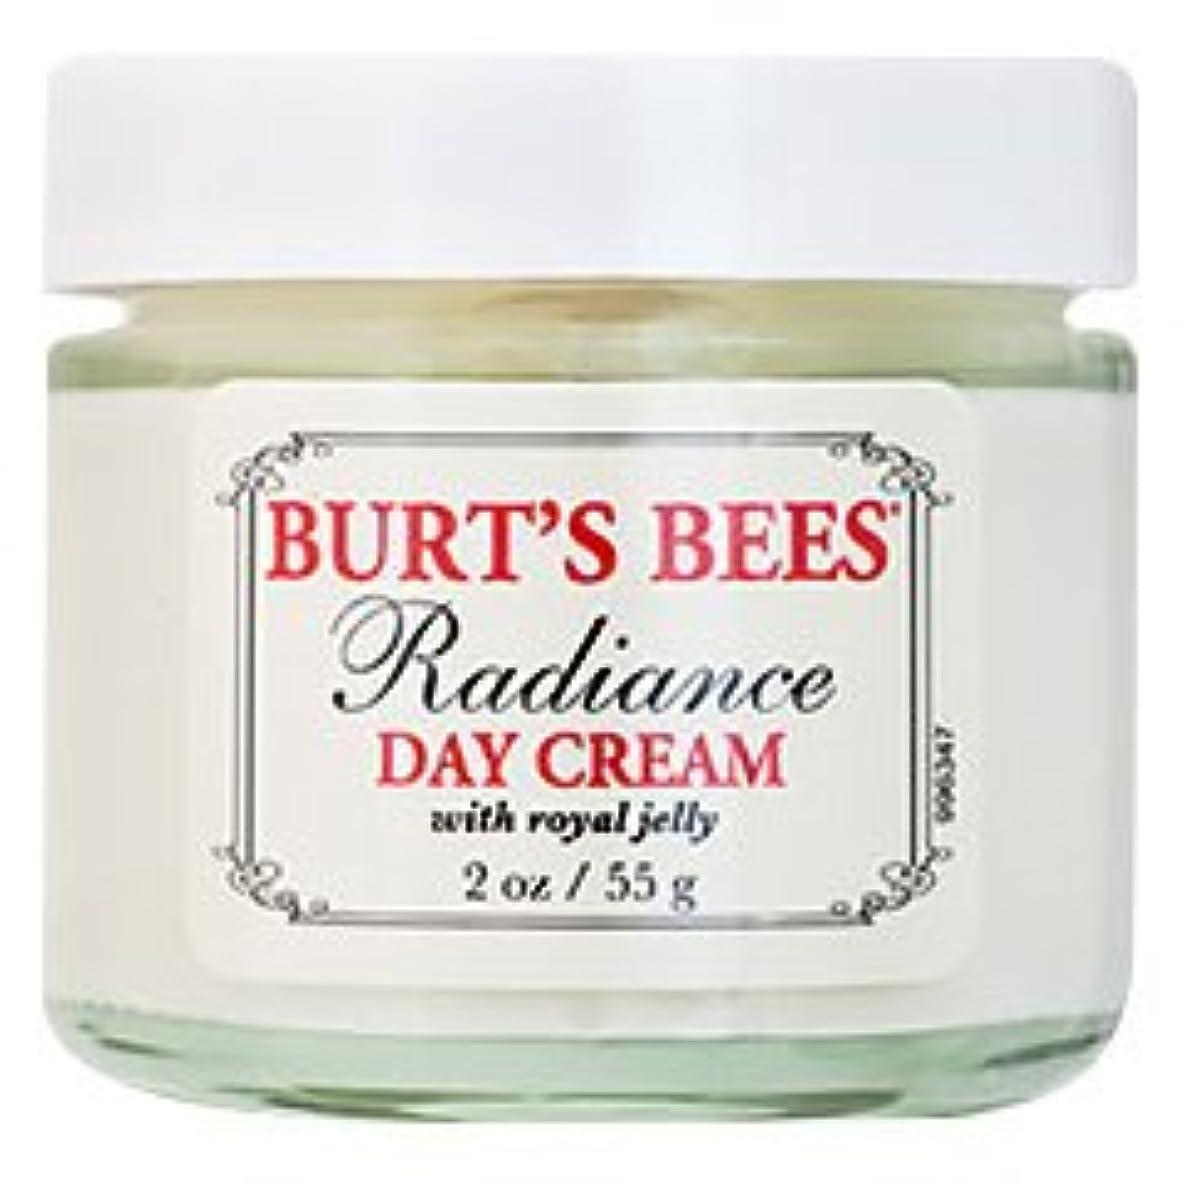 おかしいピーブ価値バーツビーズ(Burt's Bees) ラディアンス デイクリーム(ロイヤルジェリー) 55g [海外直送品][並行輸入品]